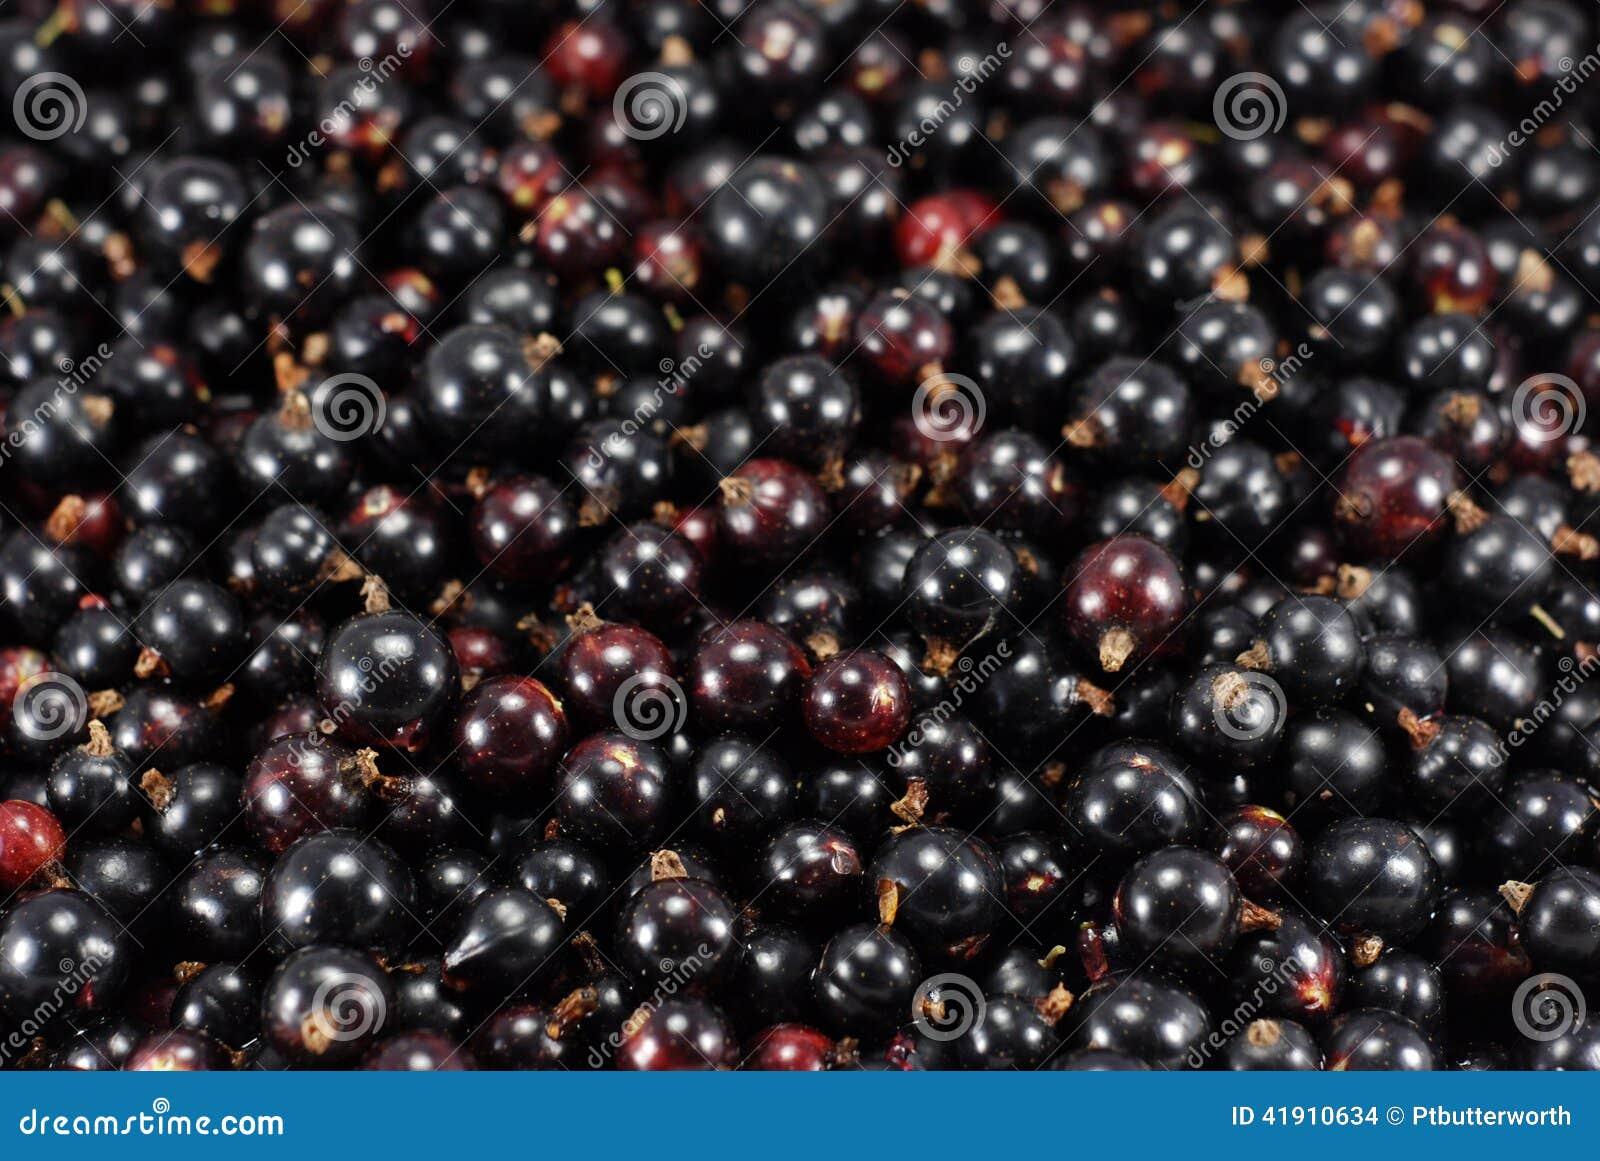 Fresco orgánico de las bayas de las grosellas negras escogido